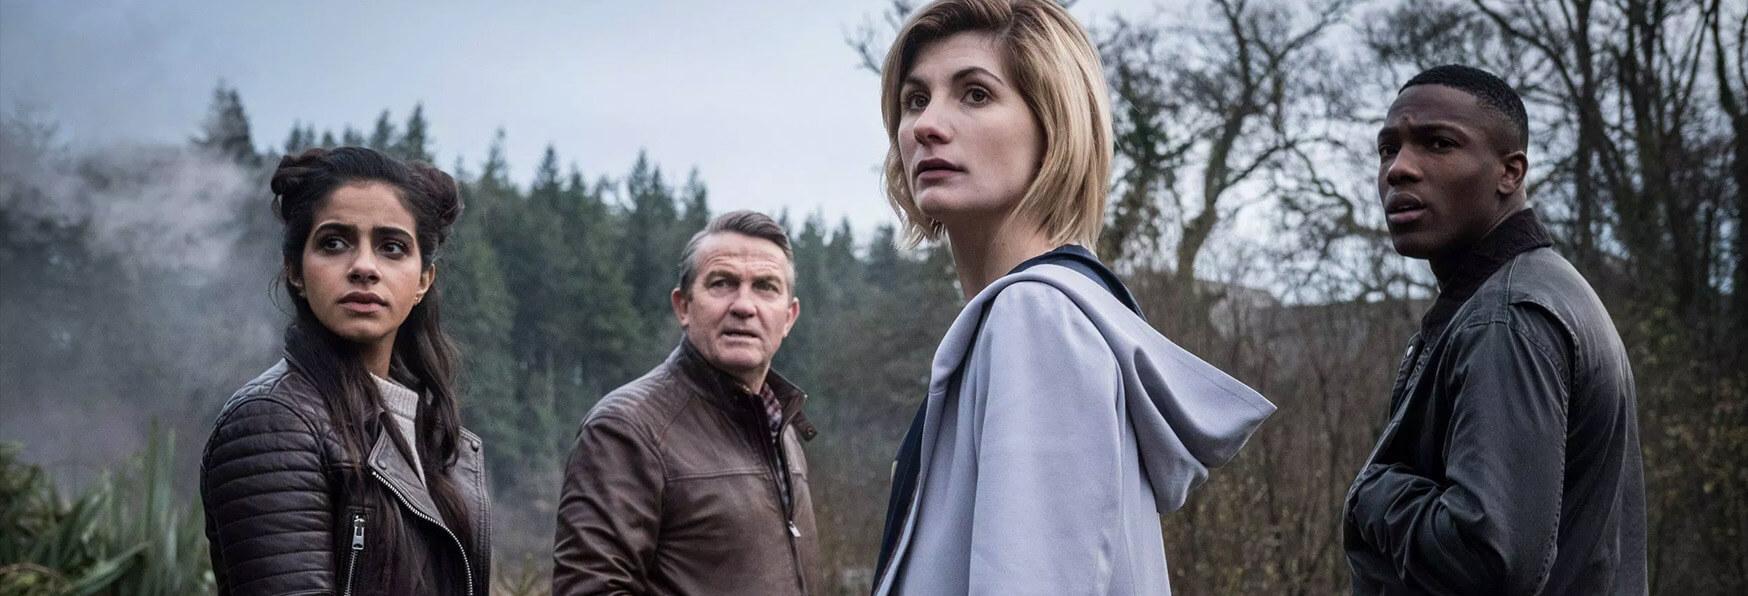 Doctor Who 11: nuovo Dottore, nuovi Compagni, nuovo Trailer